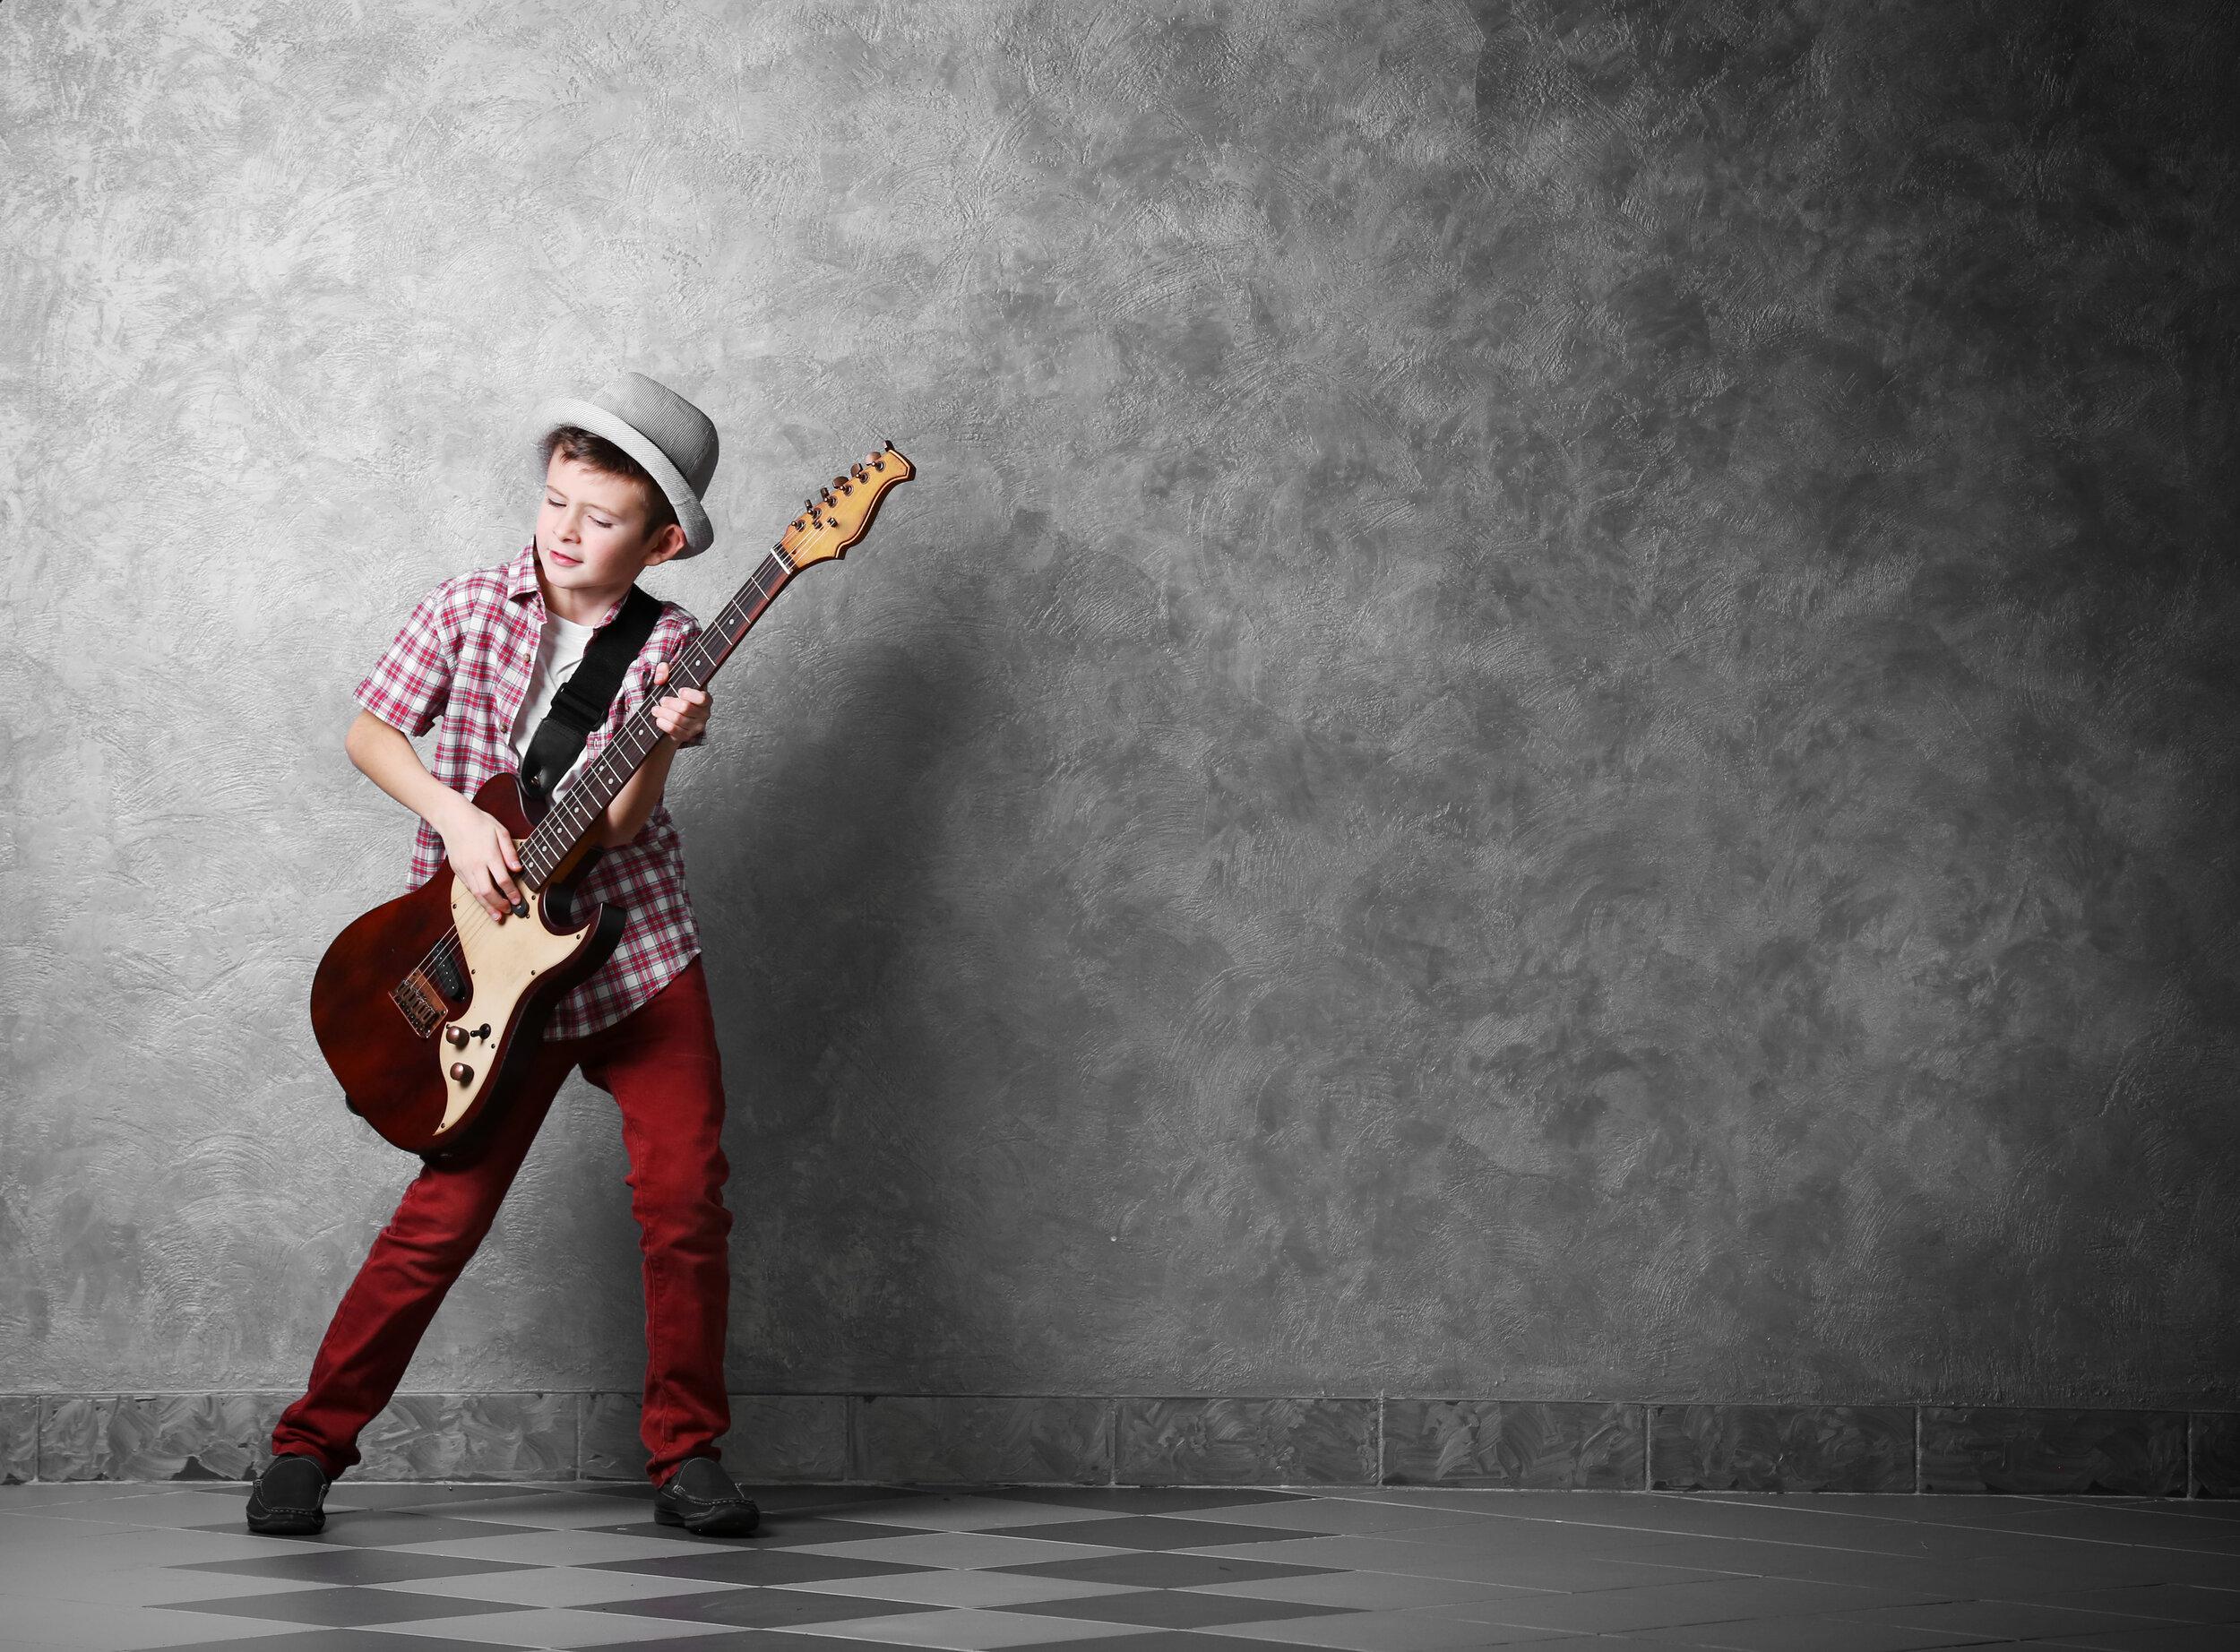 Gitar - Økt konsentrasjon, stimulering av hukommelsen og utvikling av finmotorikk er noen av fordelen av å lære seg å spille gitar